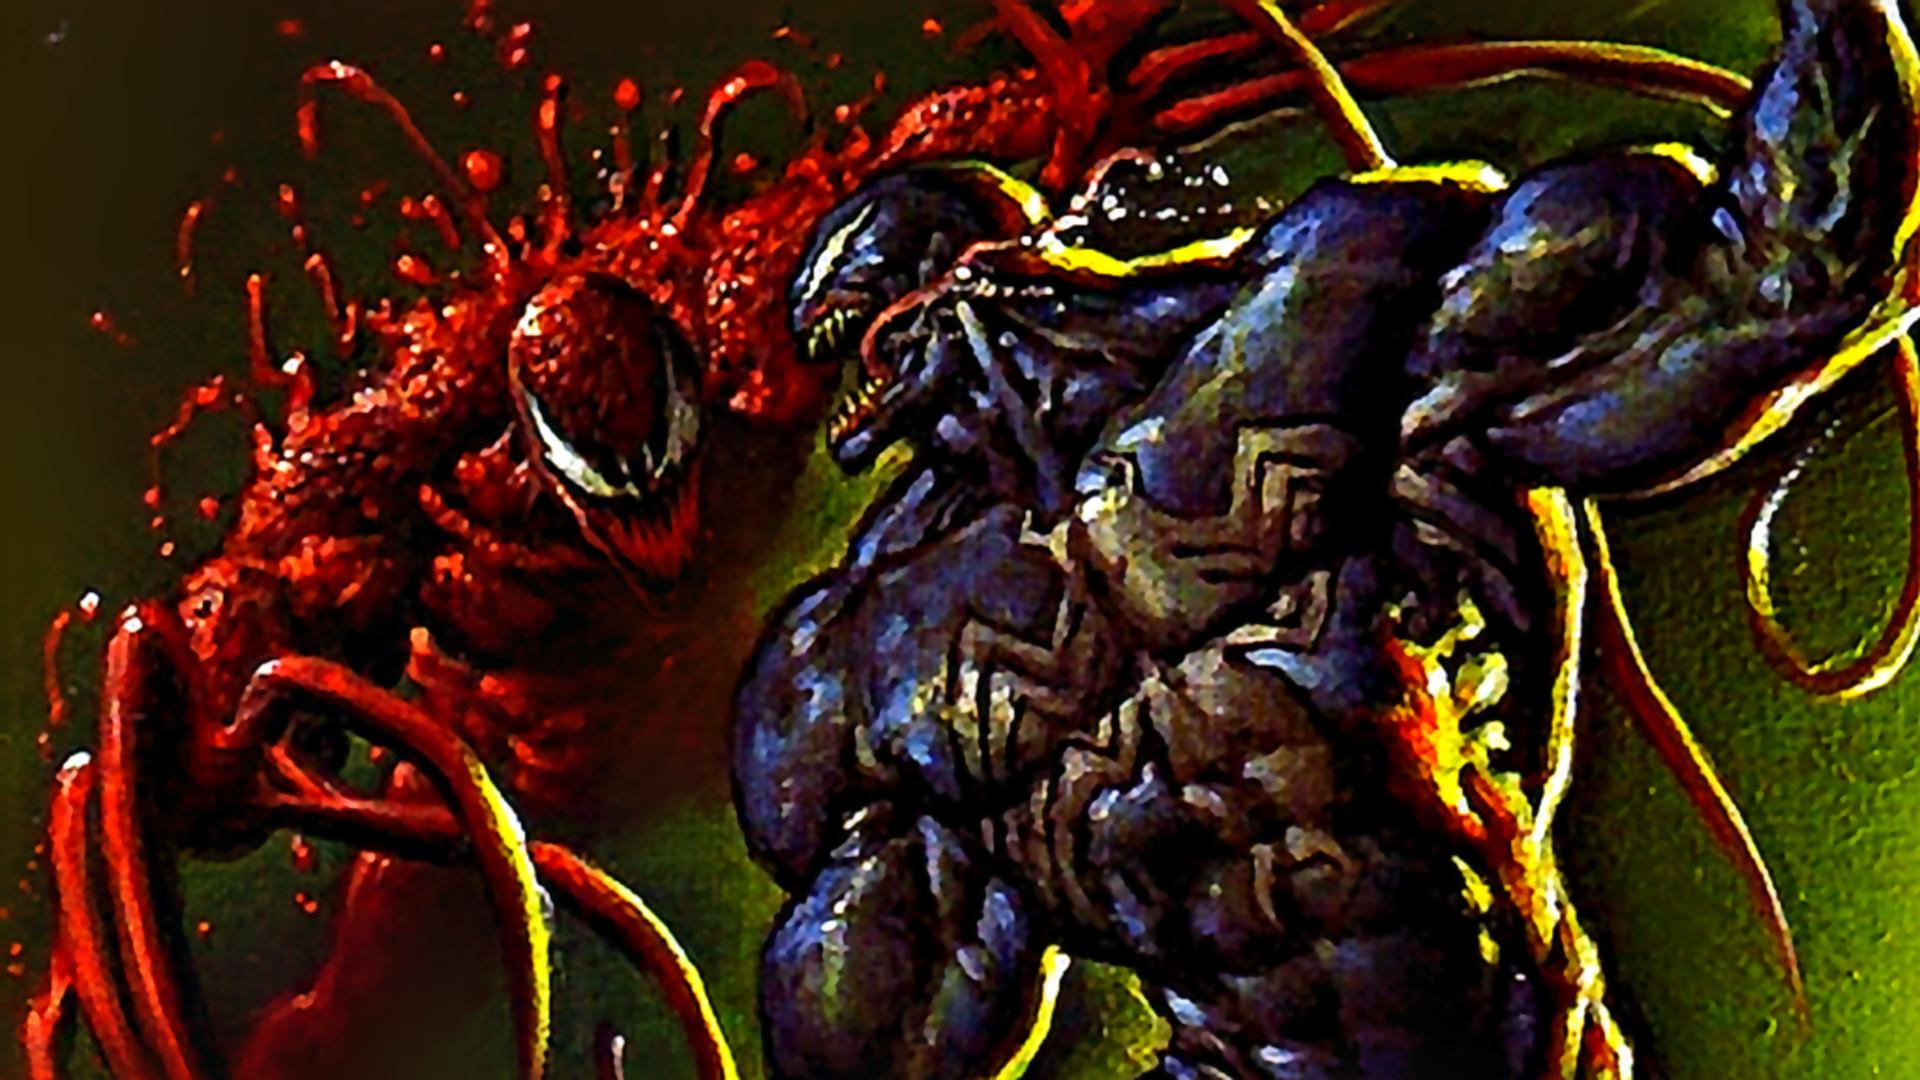 Carnage Versus Venom Wallpaper Image HD taken from Carnage .